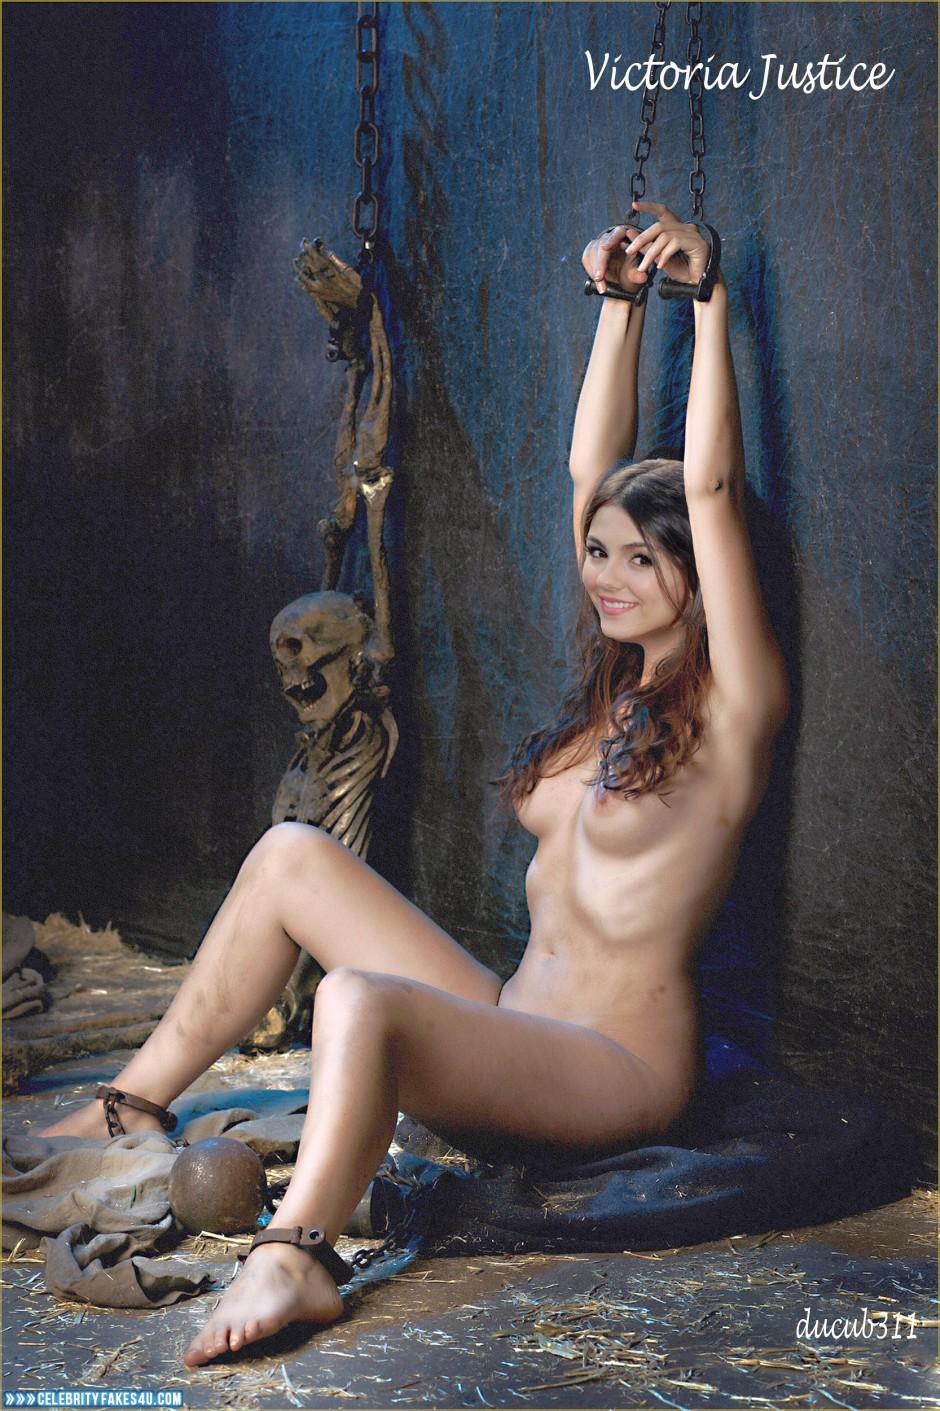 Victoria justice nude fake